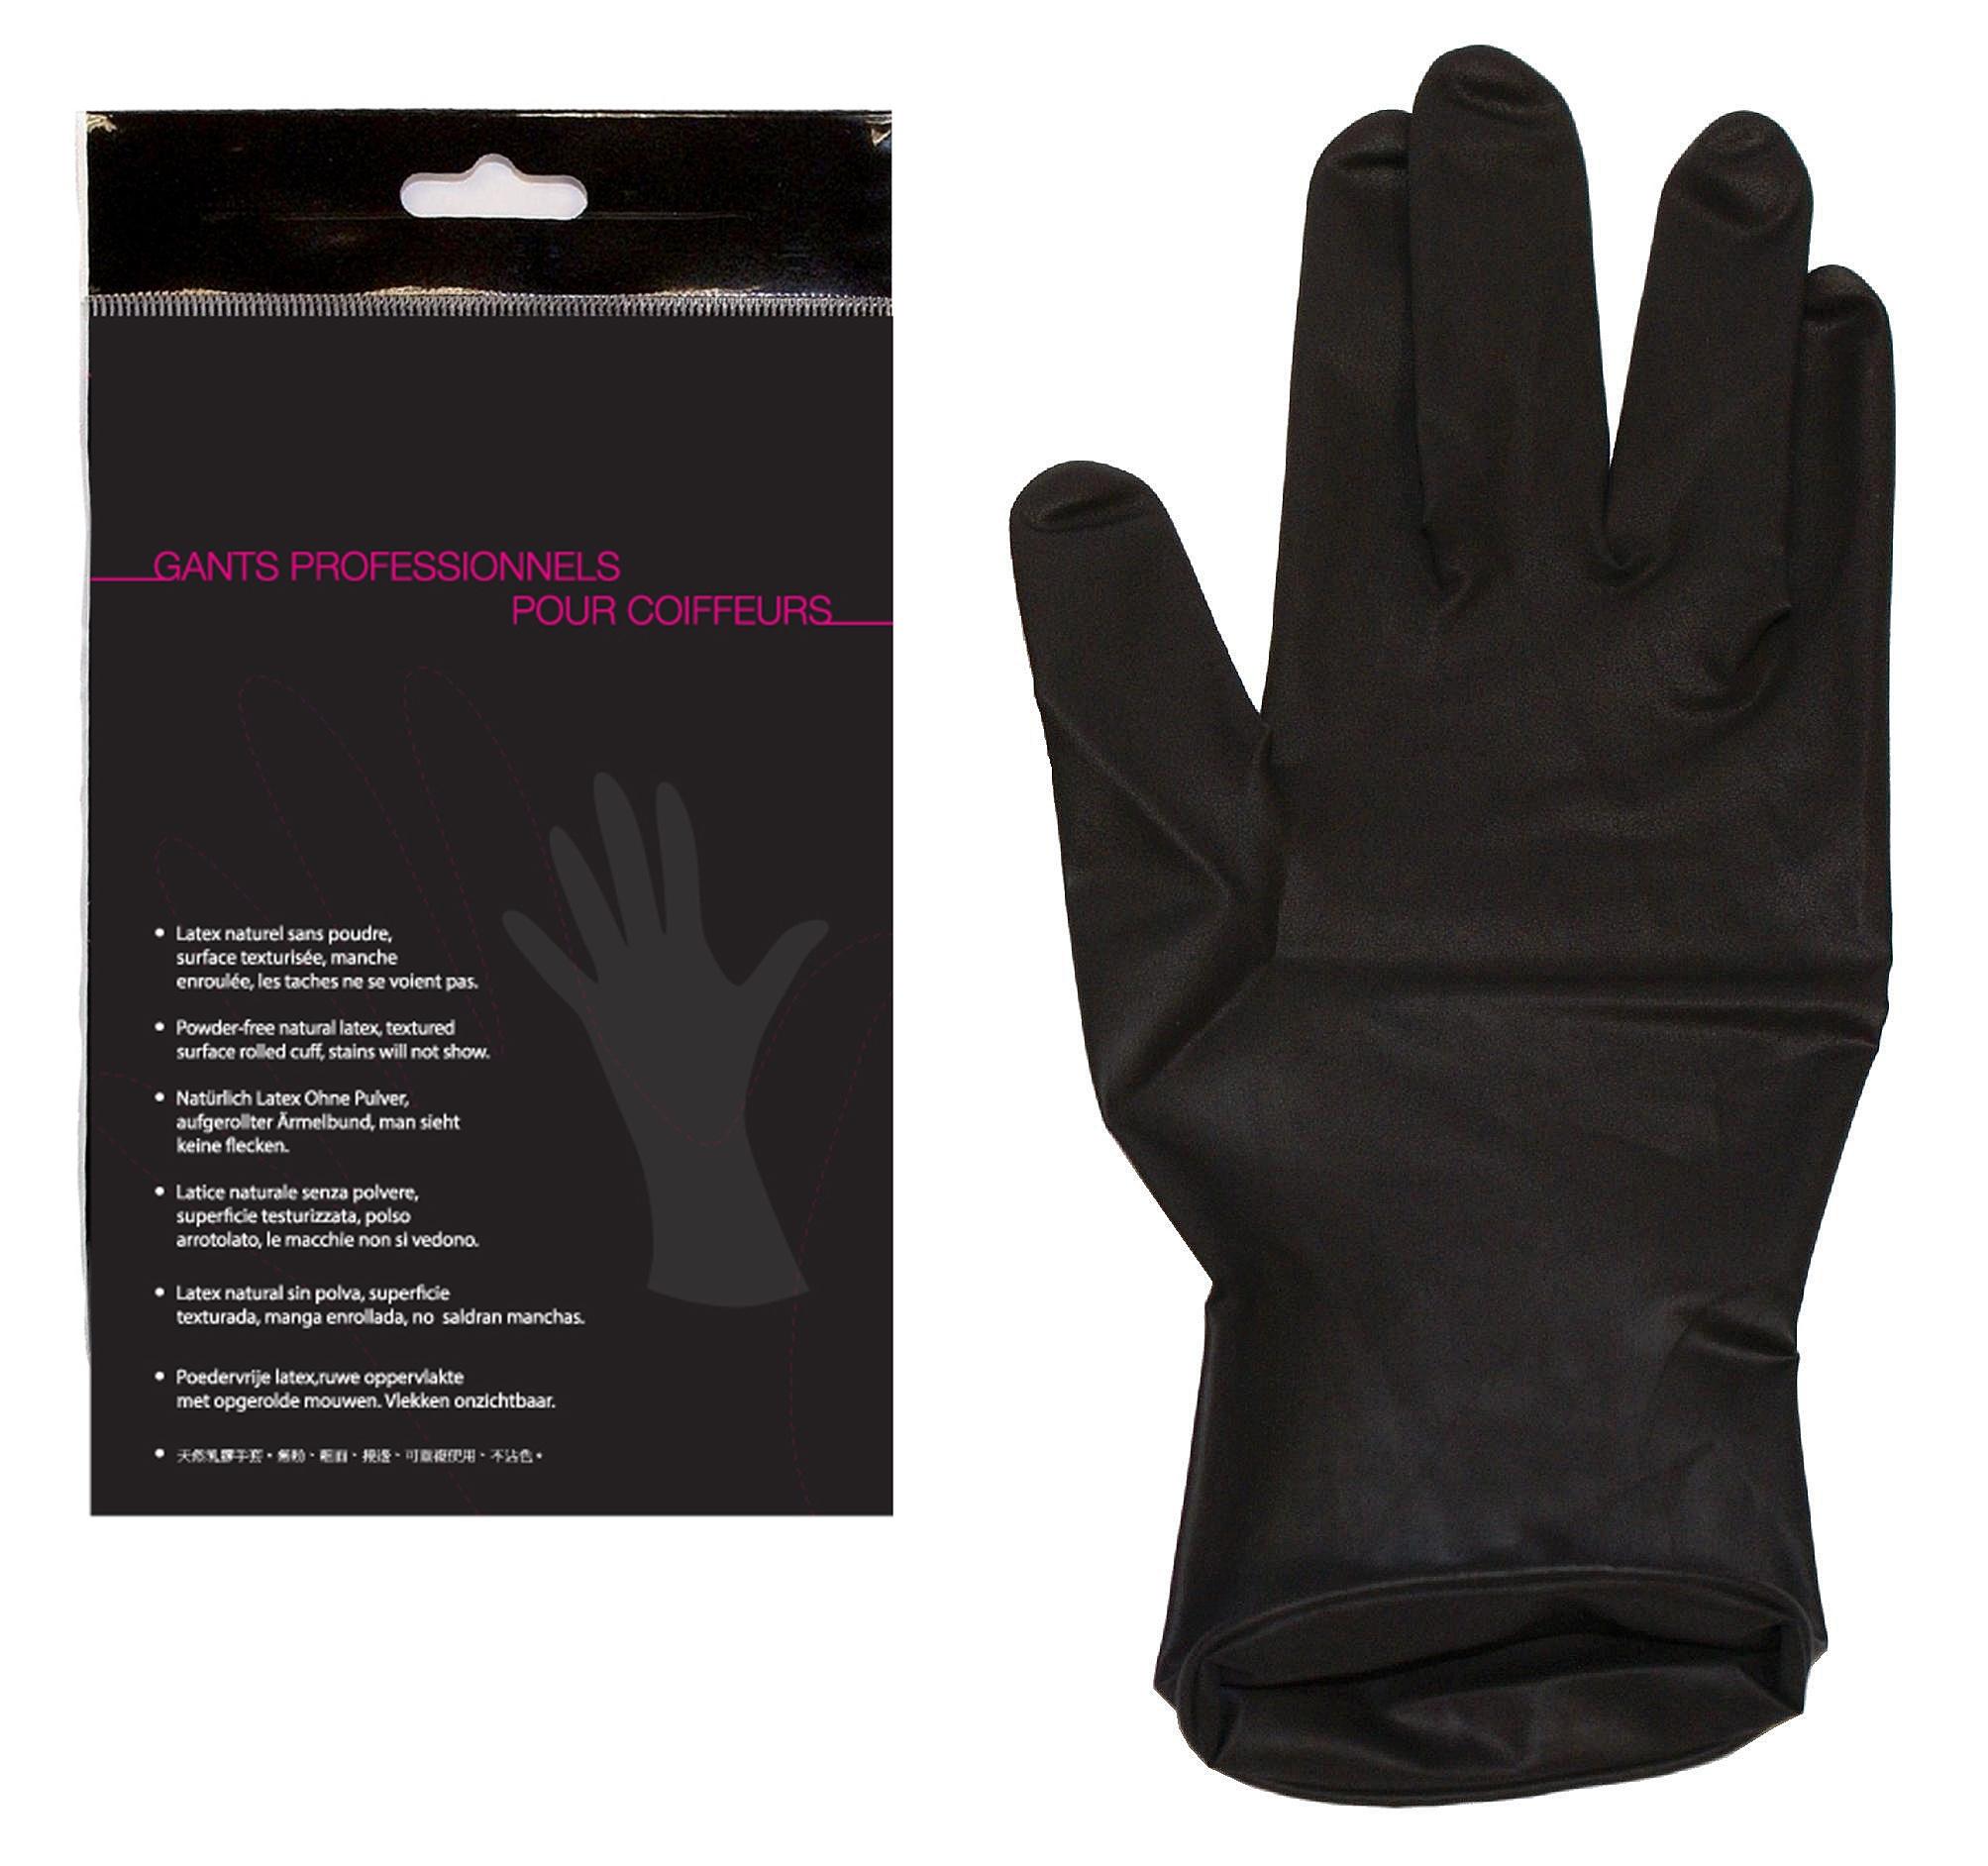 Gants de coloration latex noir par paire jacques seban medium - Gant latex noir ...